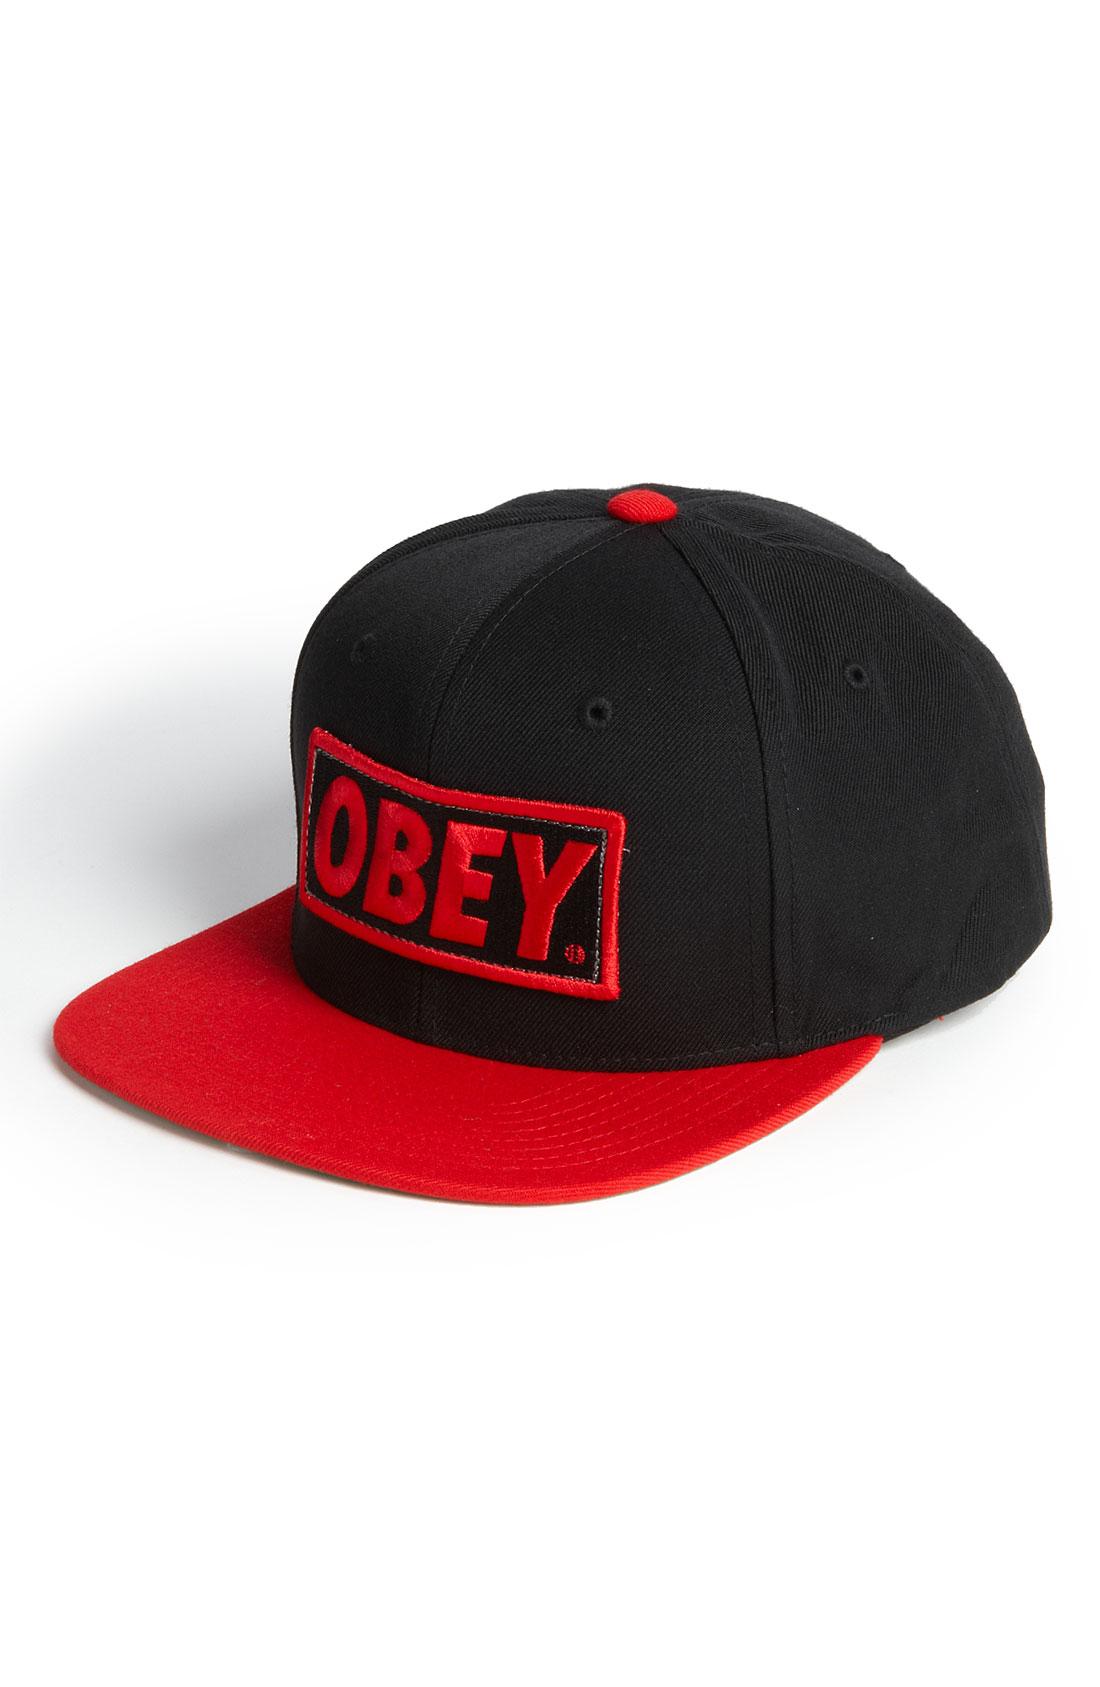 Obey Cap: Hats   eBay